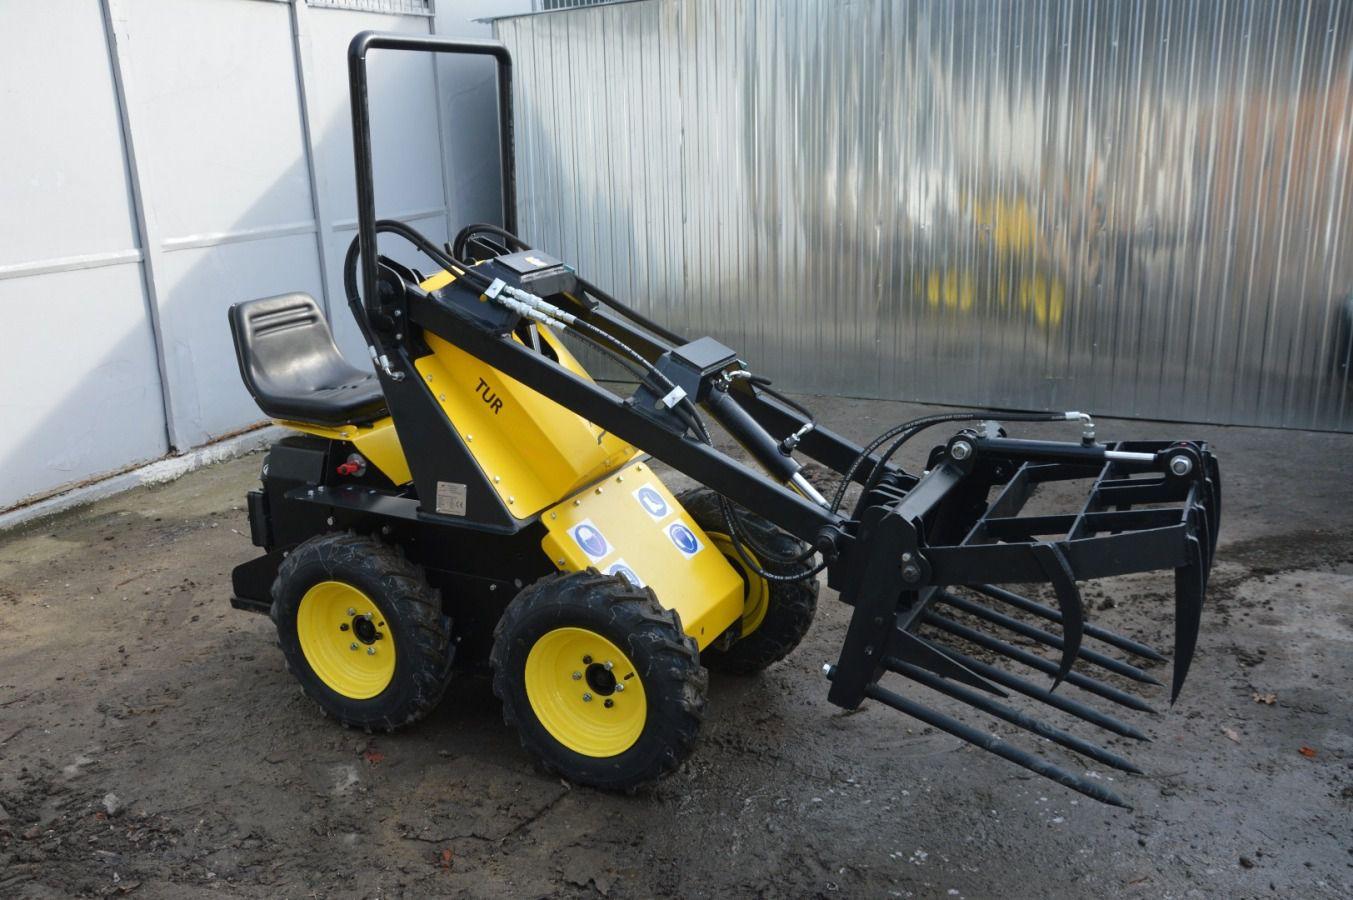 Skvelý silný a nekompromisný mini nakladač, ktorý využijete v stavebníctve, záhradníctve ale aj poľnohospodárstve a na farmách. - Obrázok č. 5